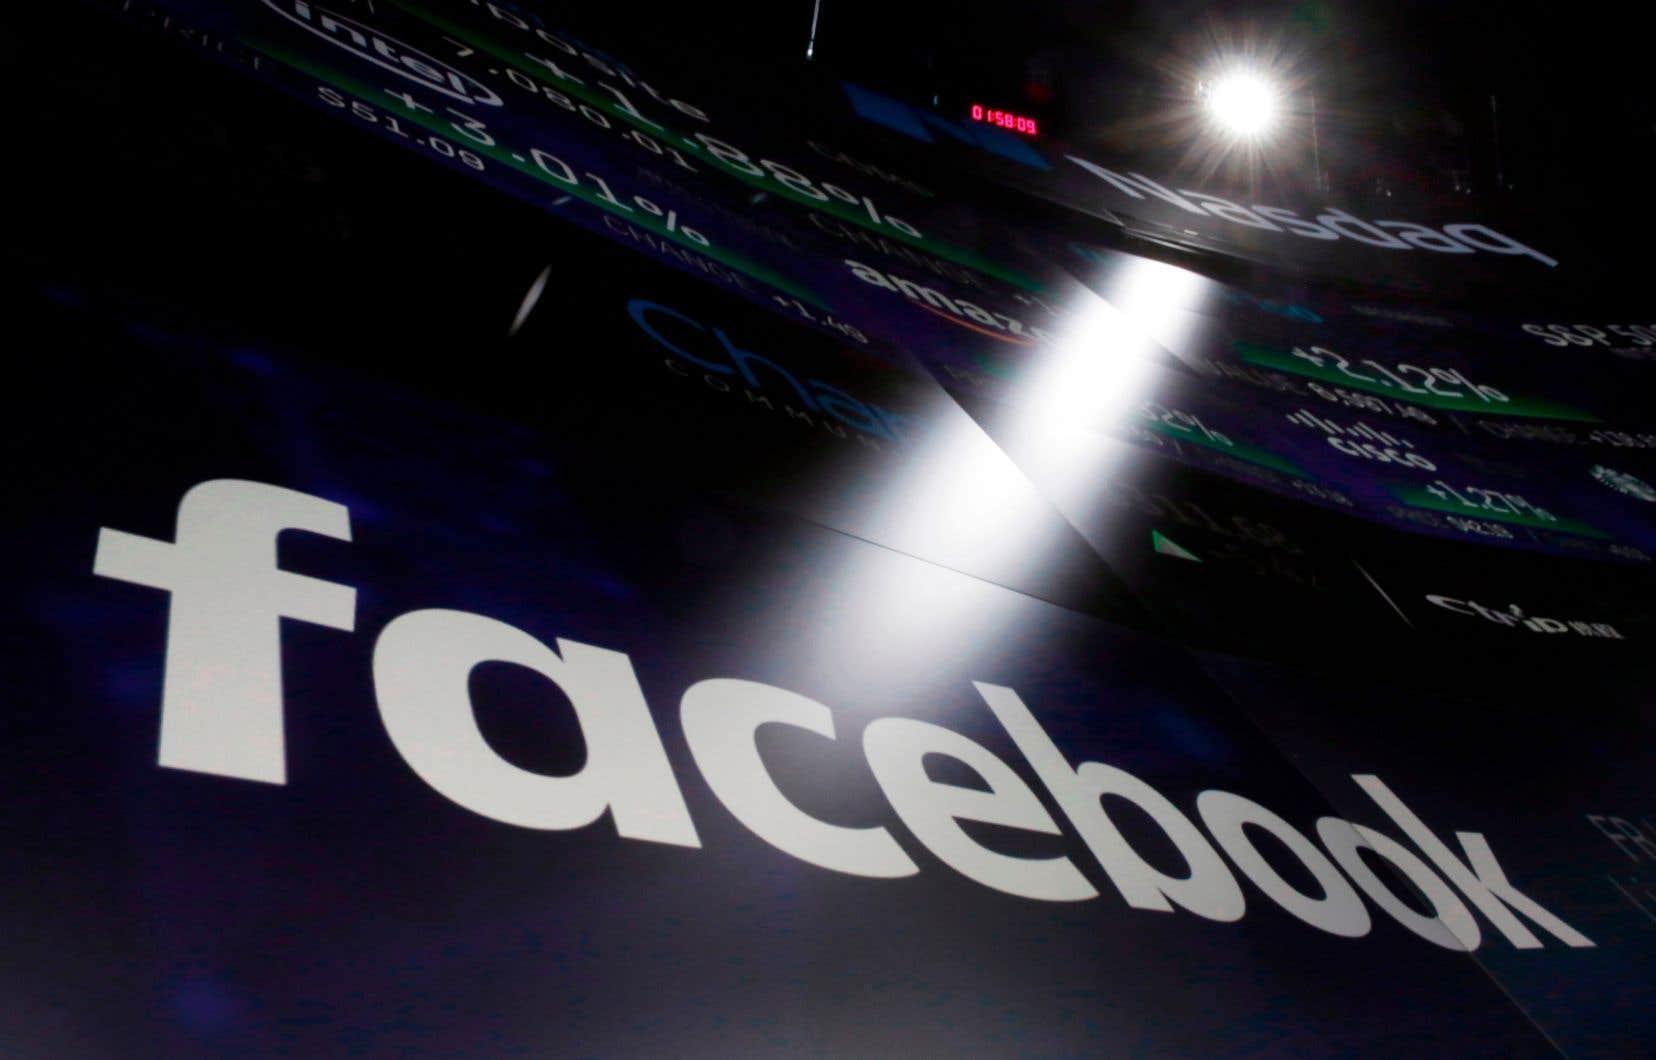 Les internautes doivent prendre conscience que Facebook n'est pas qu'une activité ludique et sans conséquences. Ses activités en ligne ne se volatilisent pas aussitôt qu'elles sont terminées.